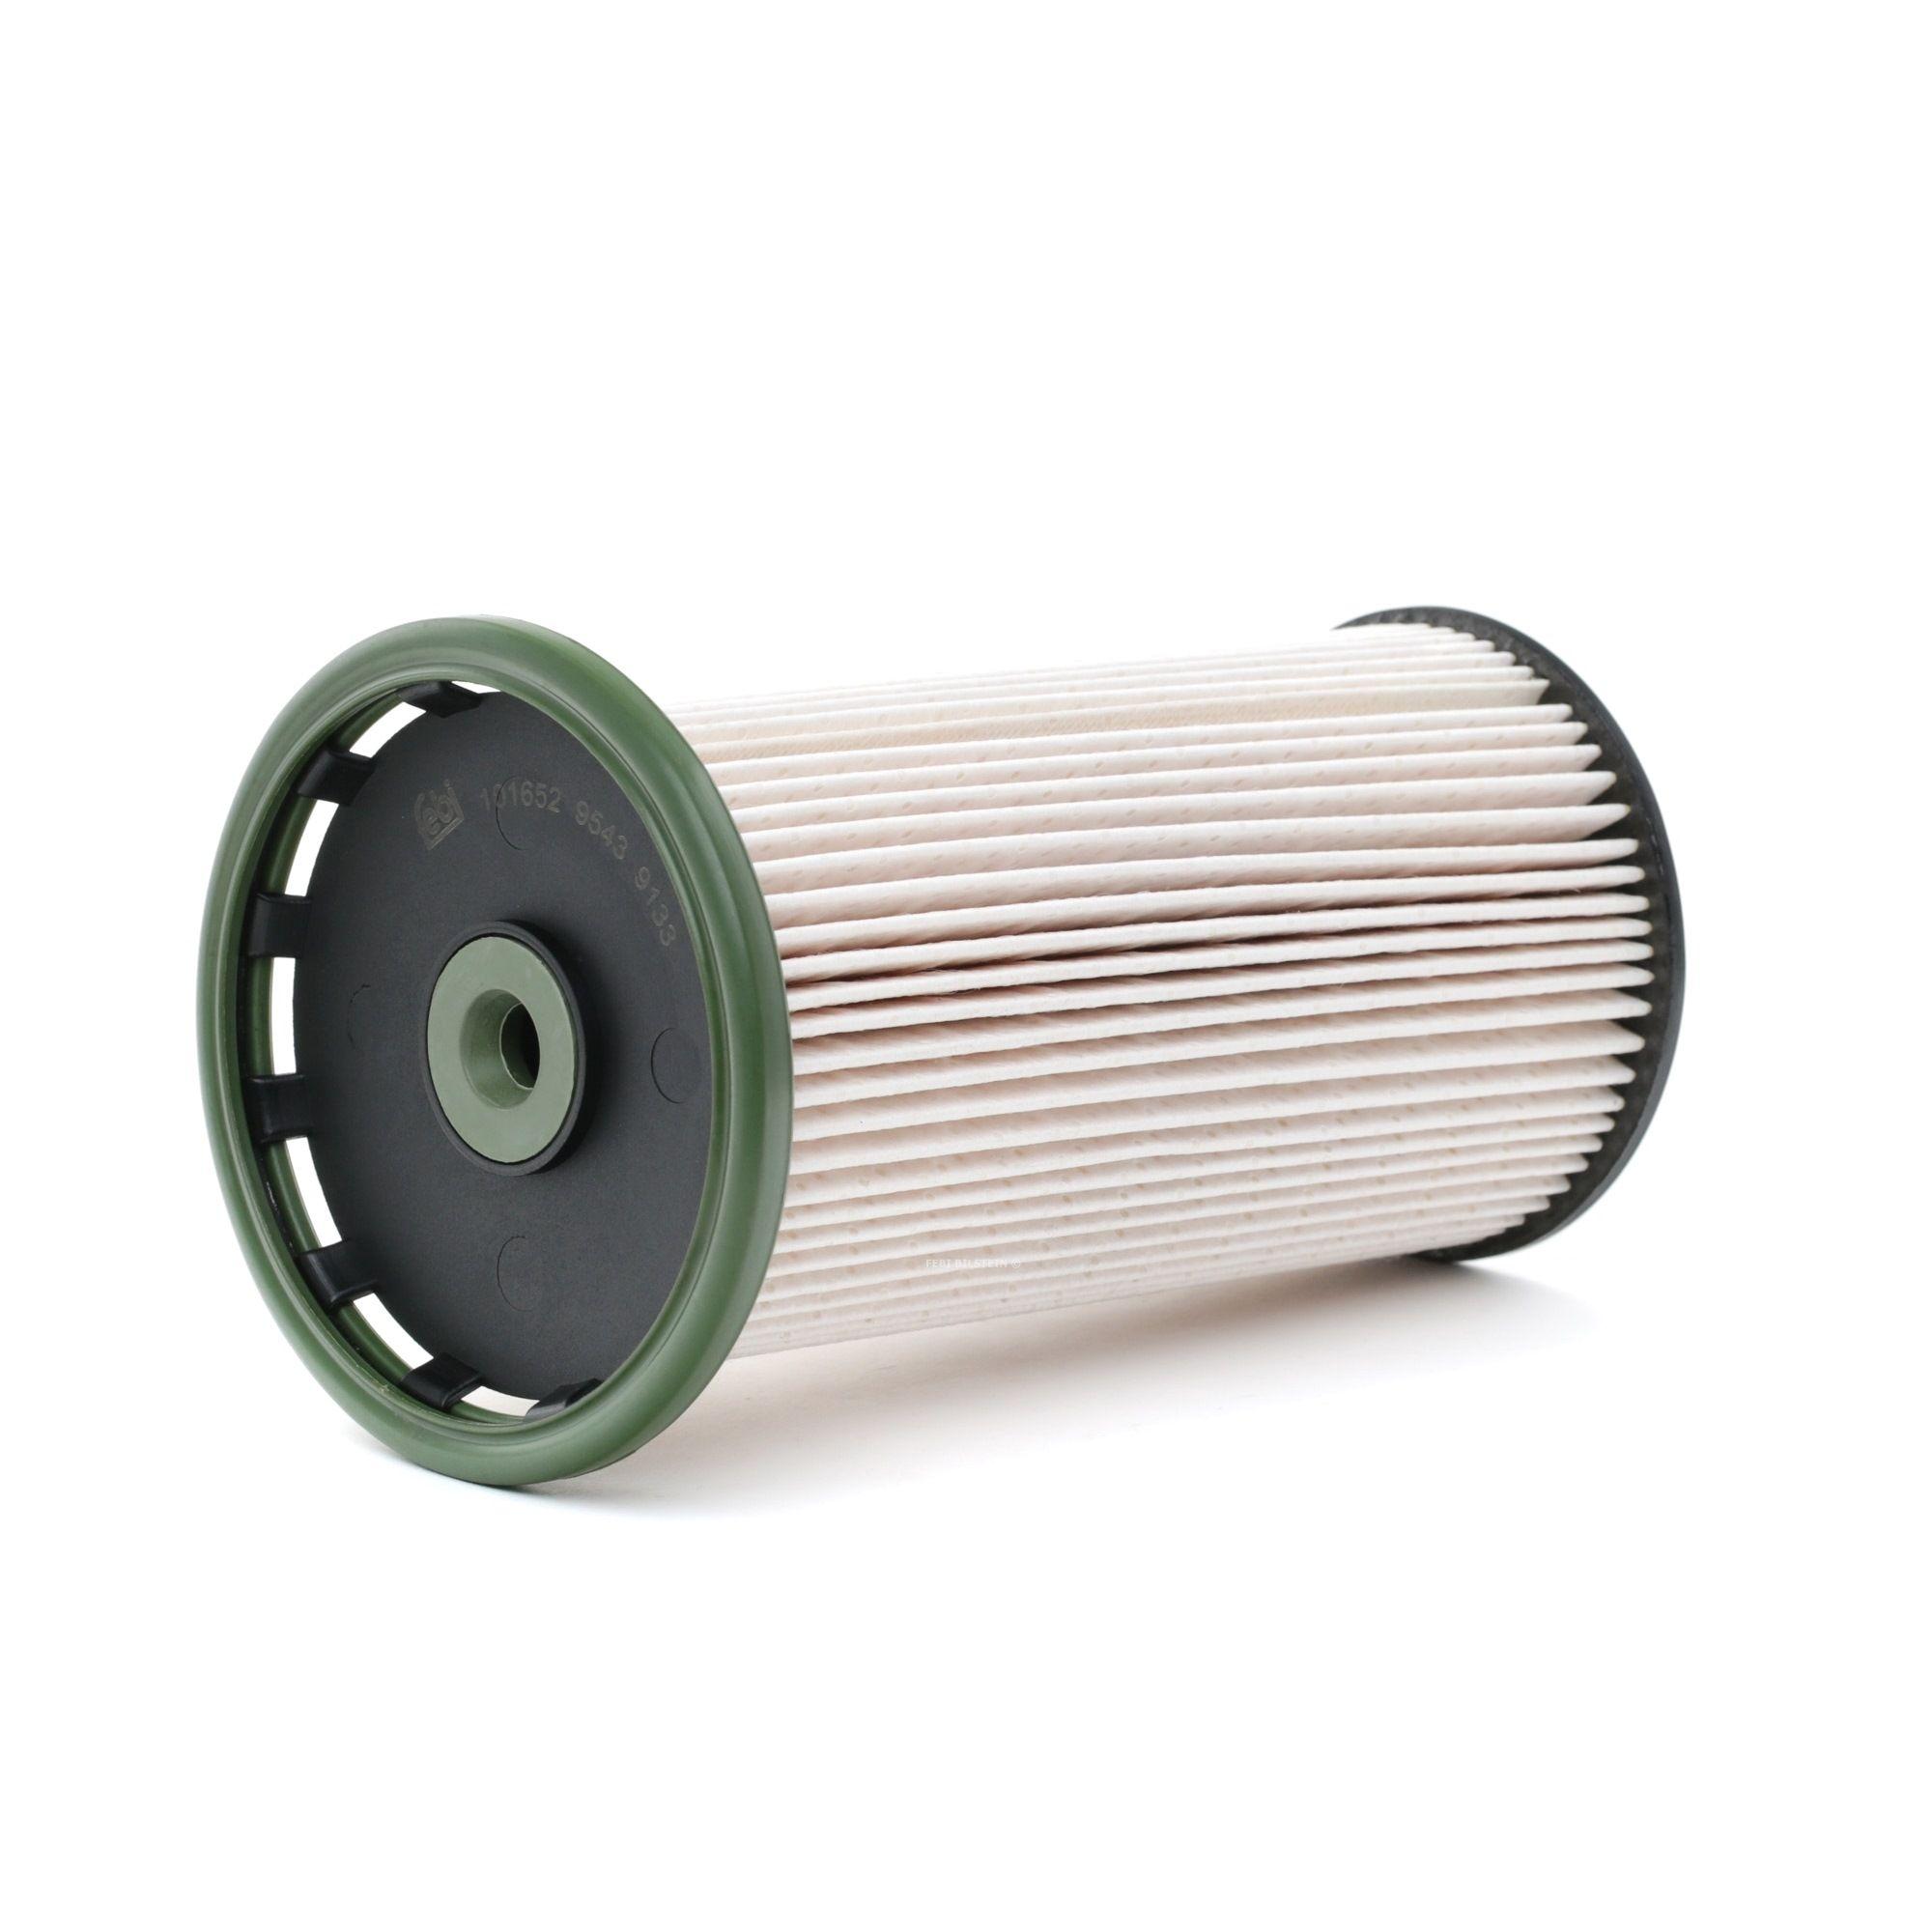 Palivový filtr 101652 s vynikajícím poměrem mezi cenou a FEBI BILSTEIN kvalitou